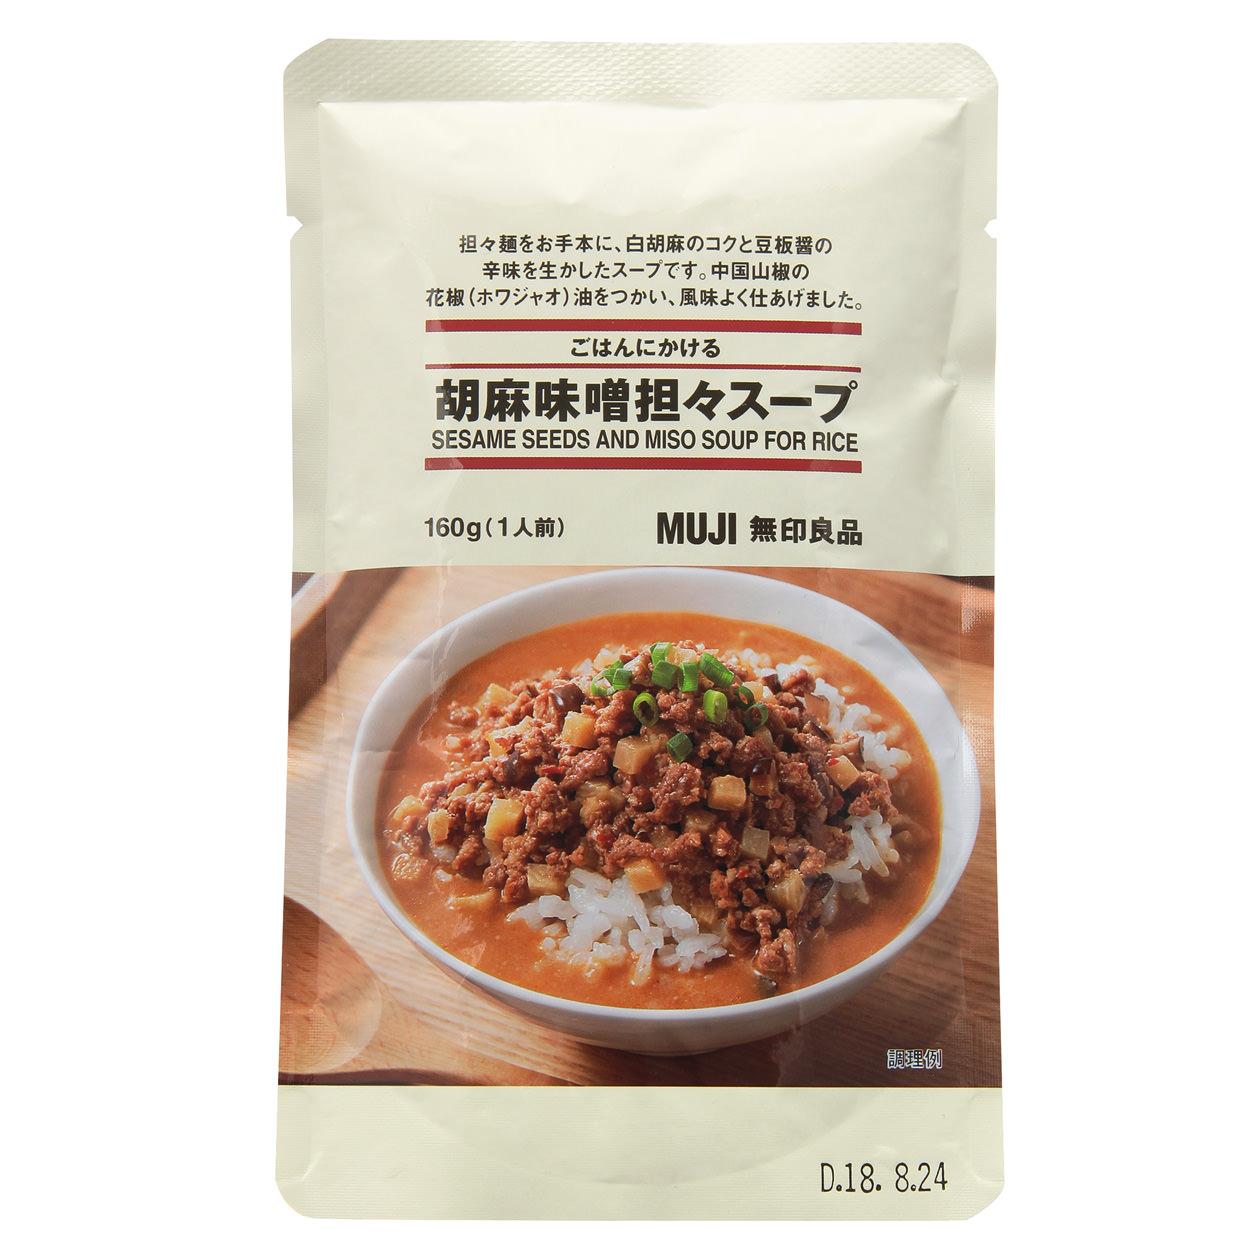 ごはんにかける 胡麻味噌担々スープ 160g(1人前)